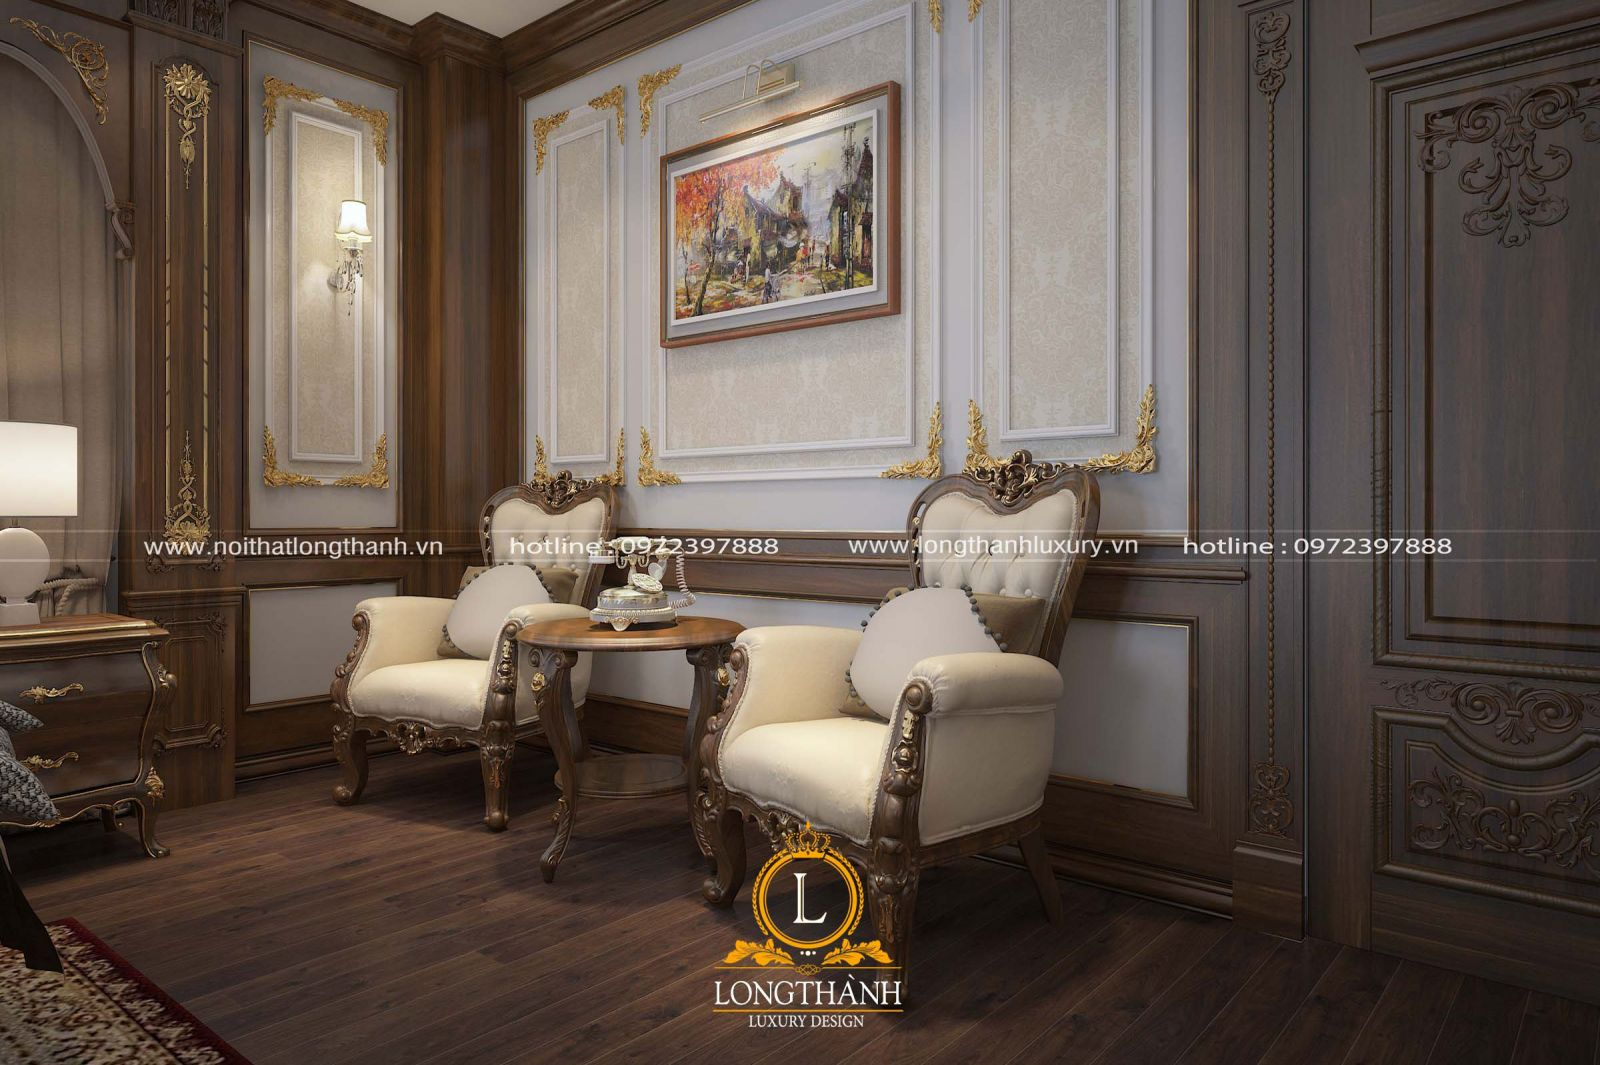 Sofa đơn phòng ngủ kết hợp bàn trà xinh xắn